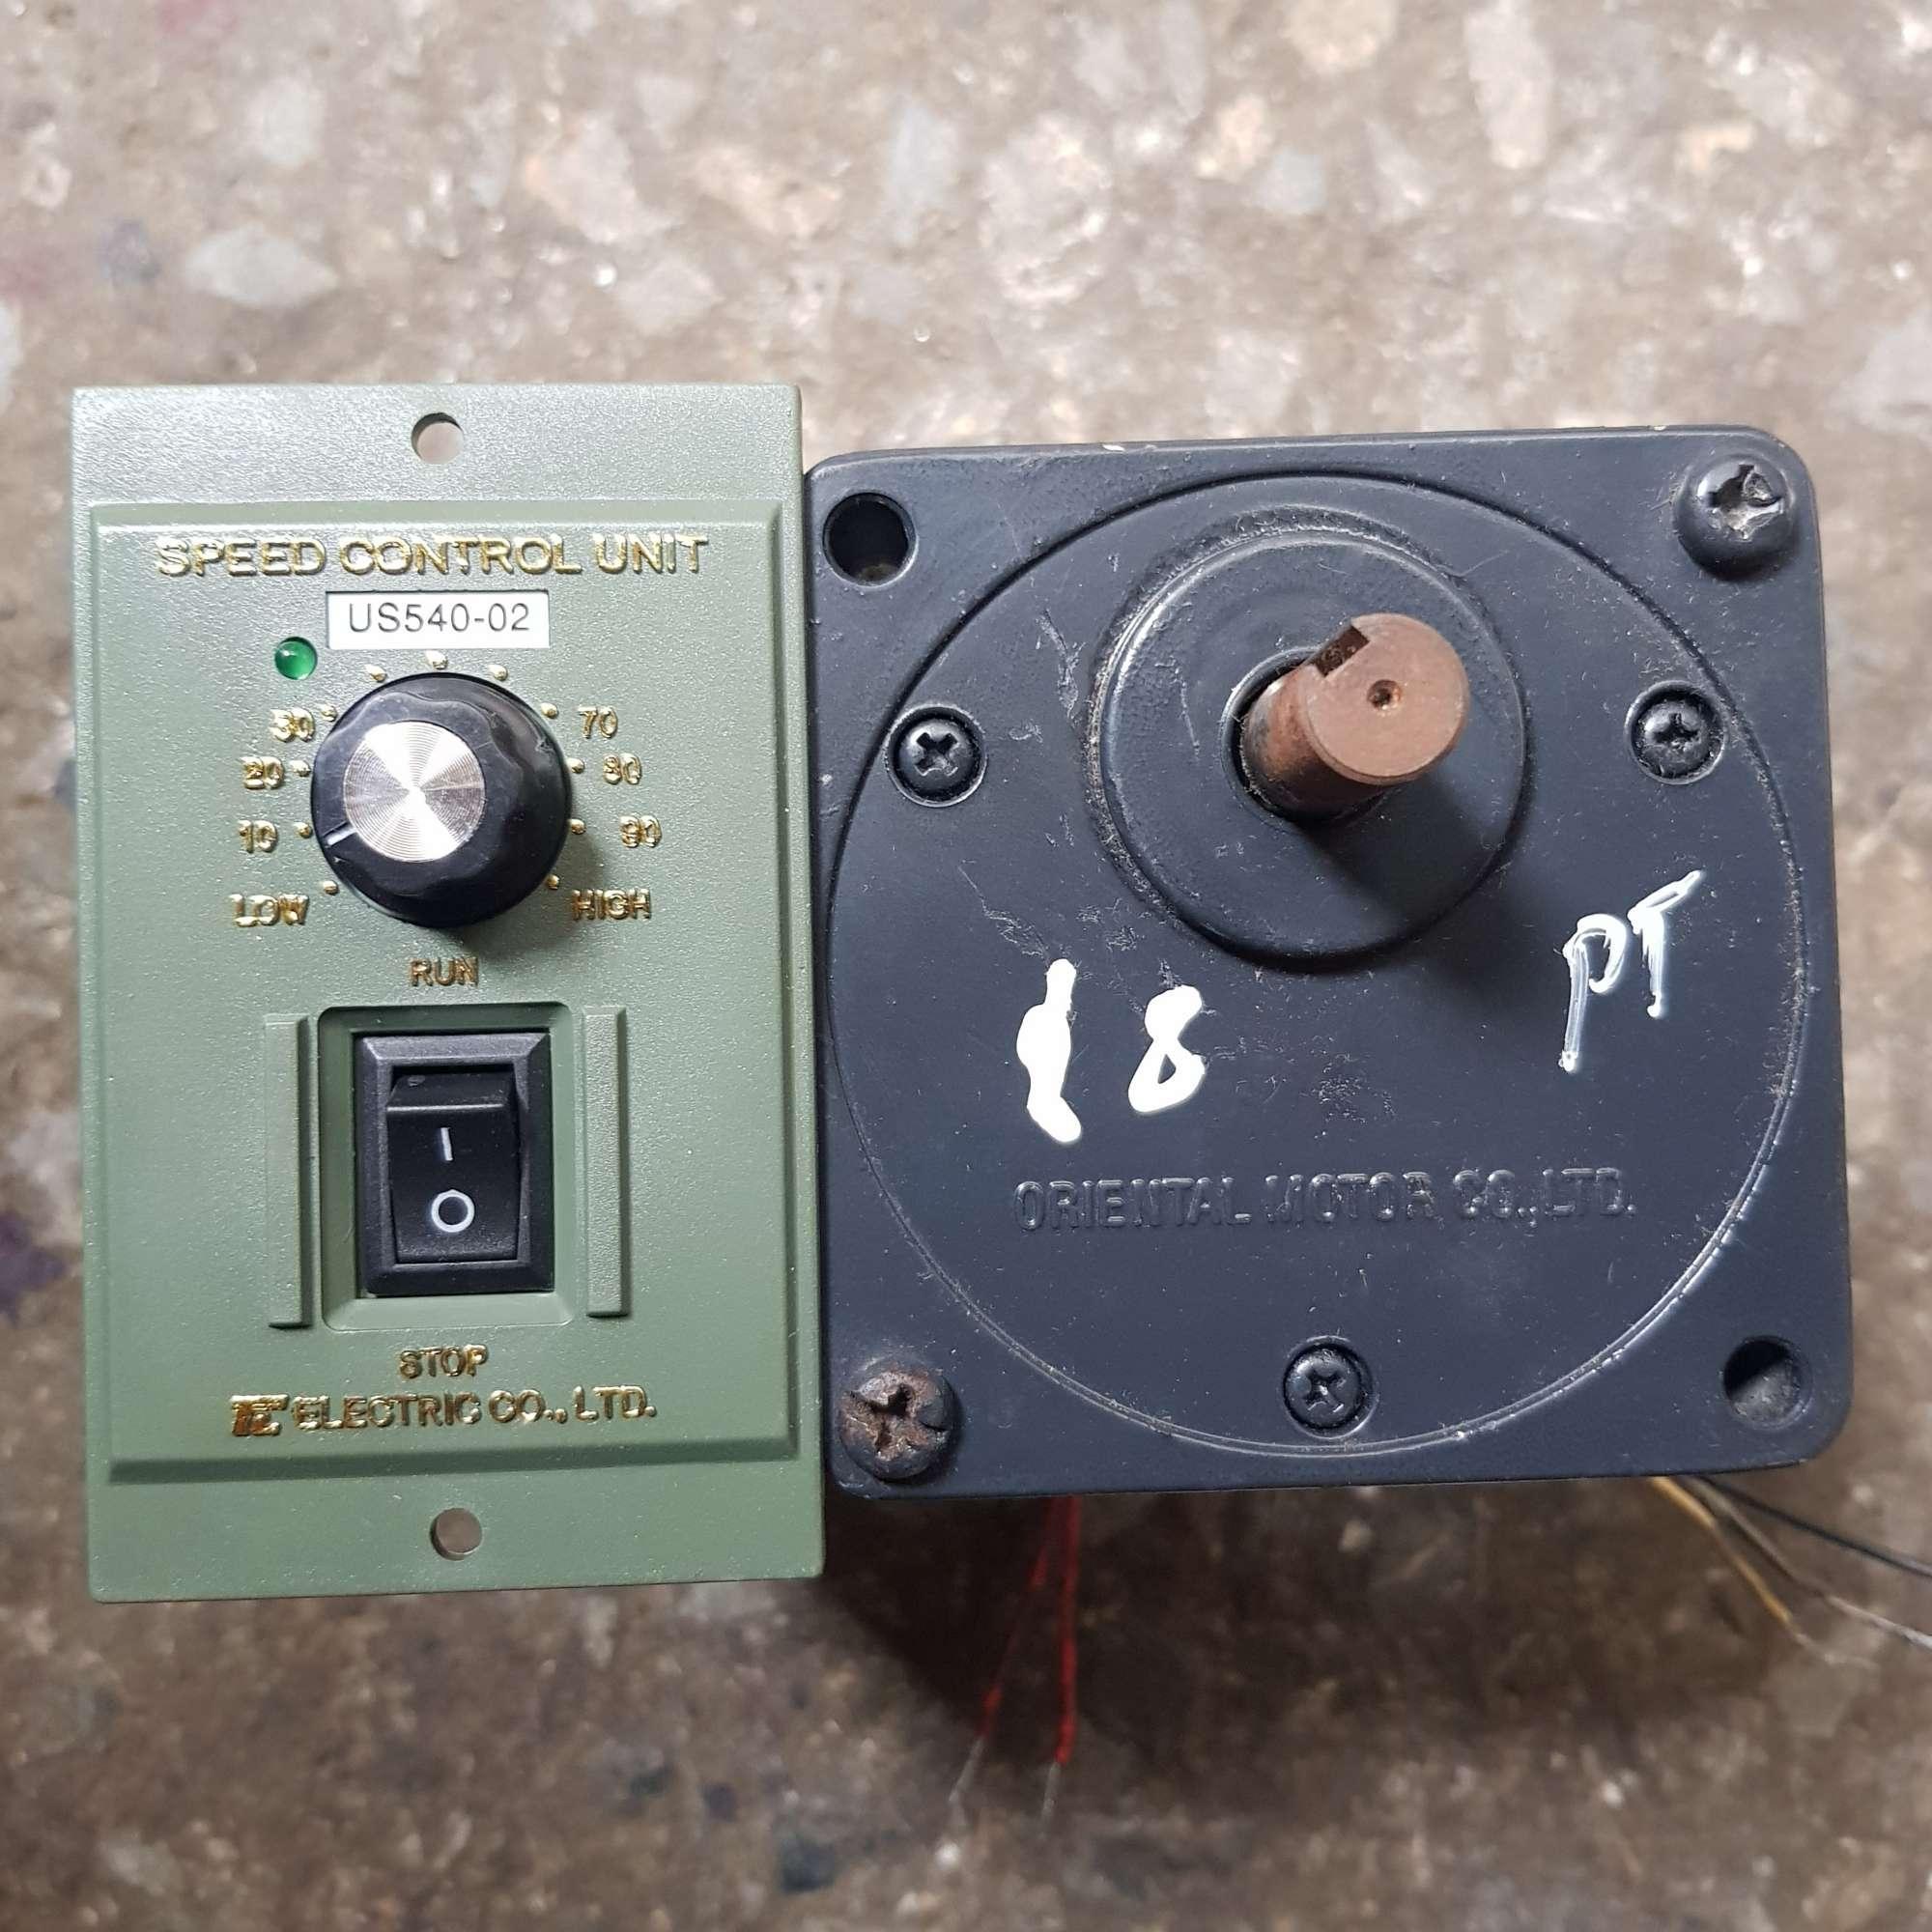 Motor giảm tốc 40w điện 220v kèm bộ điều khiển tốc độ